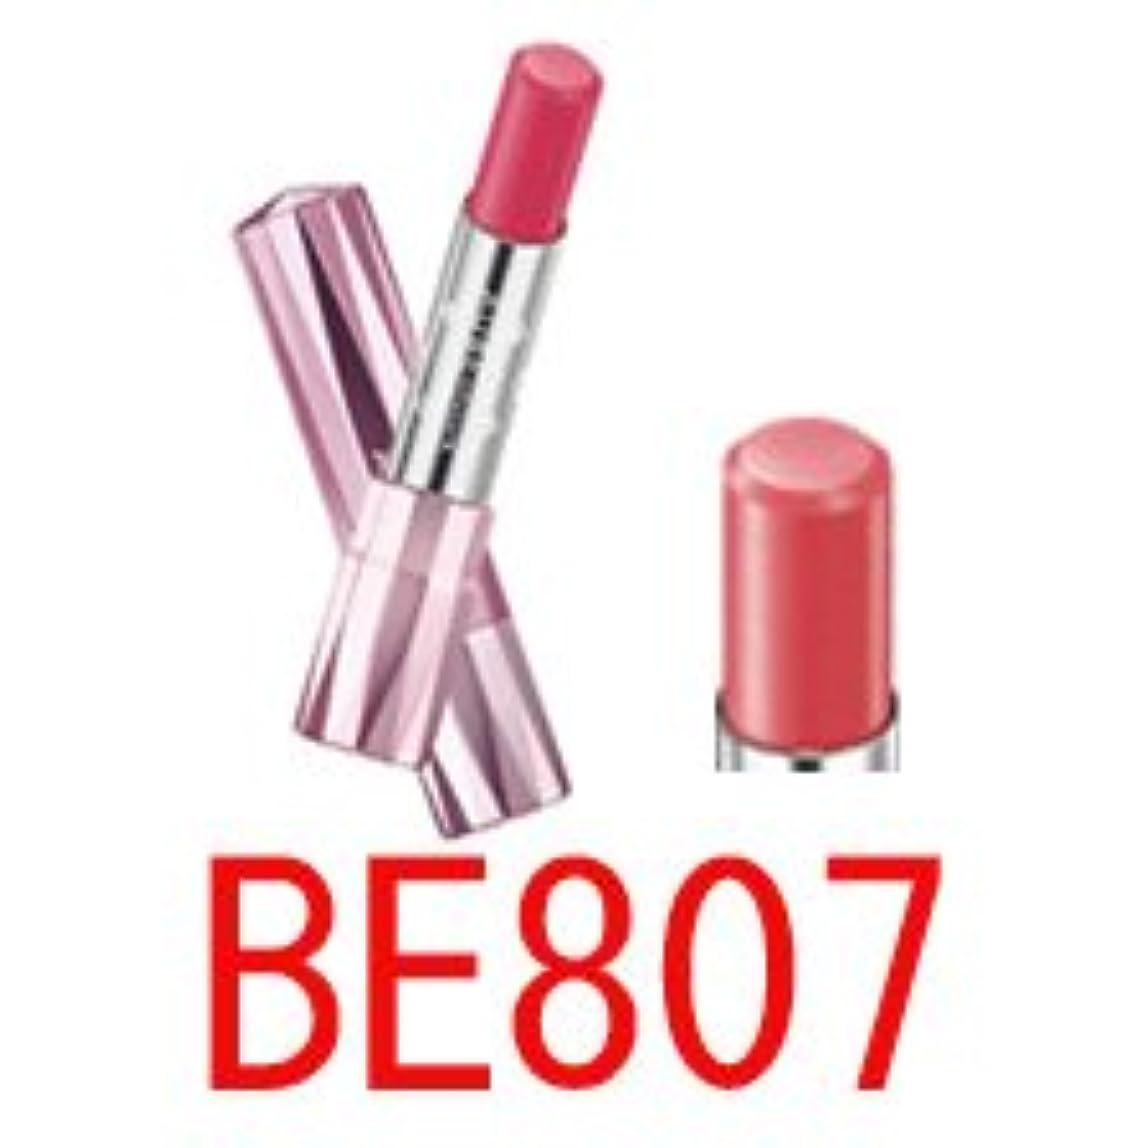 嵐の折る出血花王 ソフィーナ オーブクチュール エクセレントステイルージュ BE807 限定色